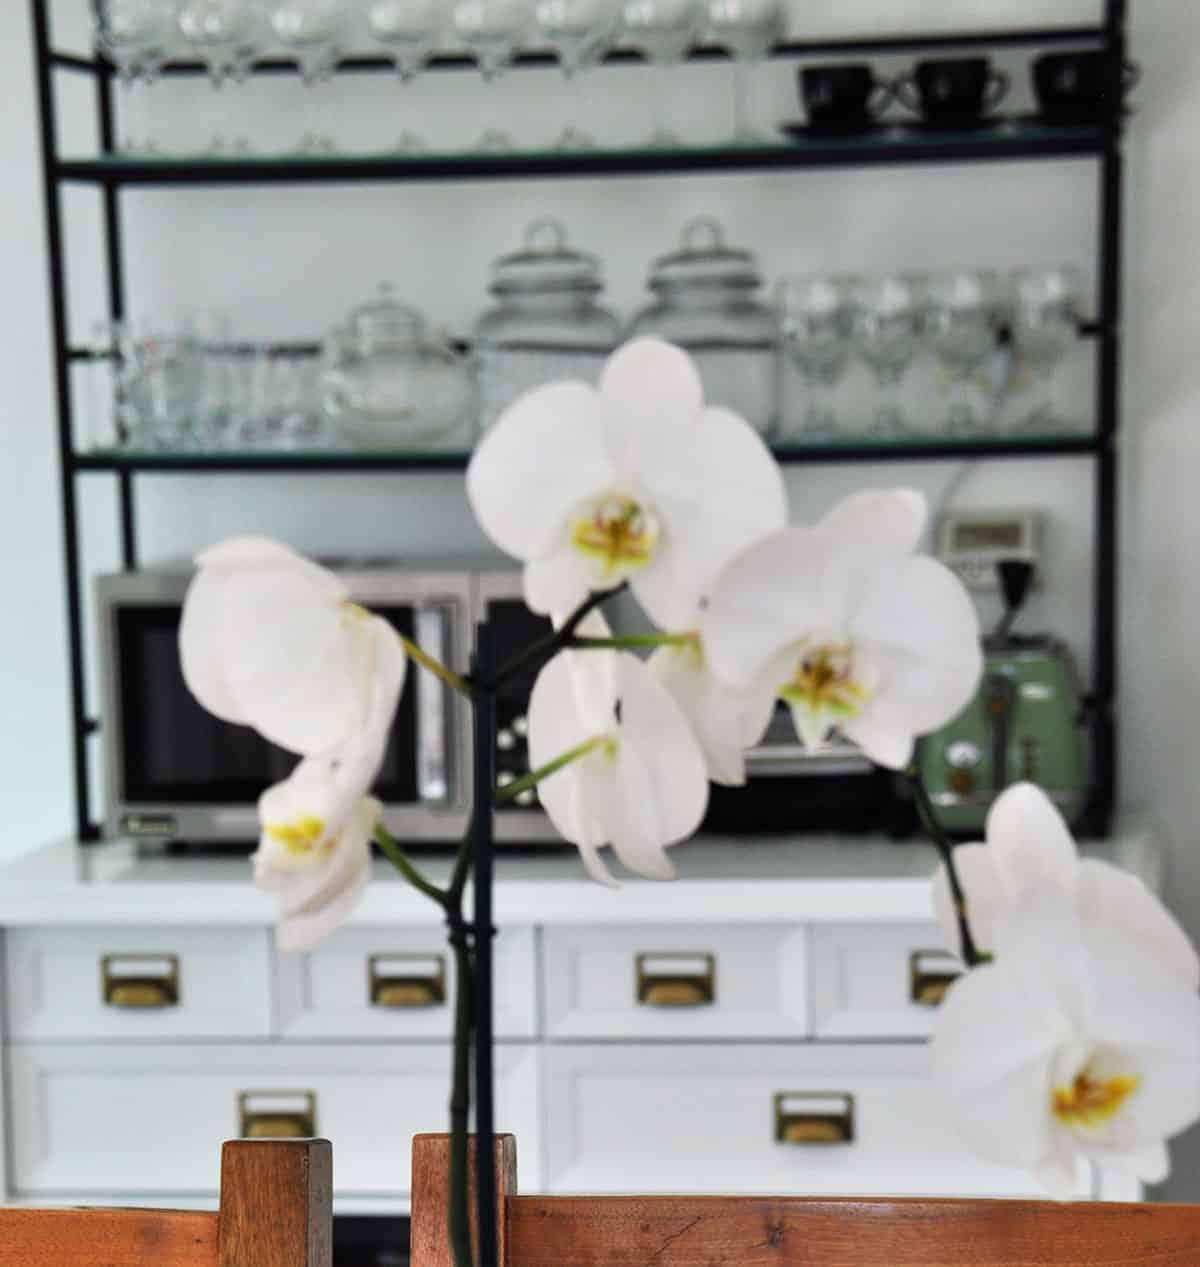 סחלב לבן על רקע ויטרינת המטבח בבית פרטי בהוד השרון - שירית דרמן מעצבת פנים